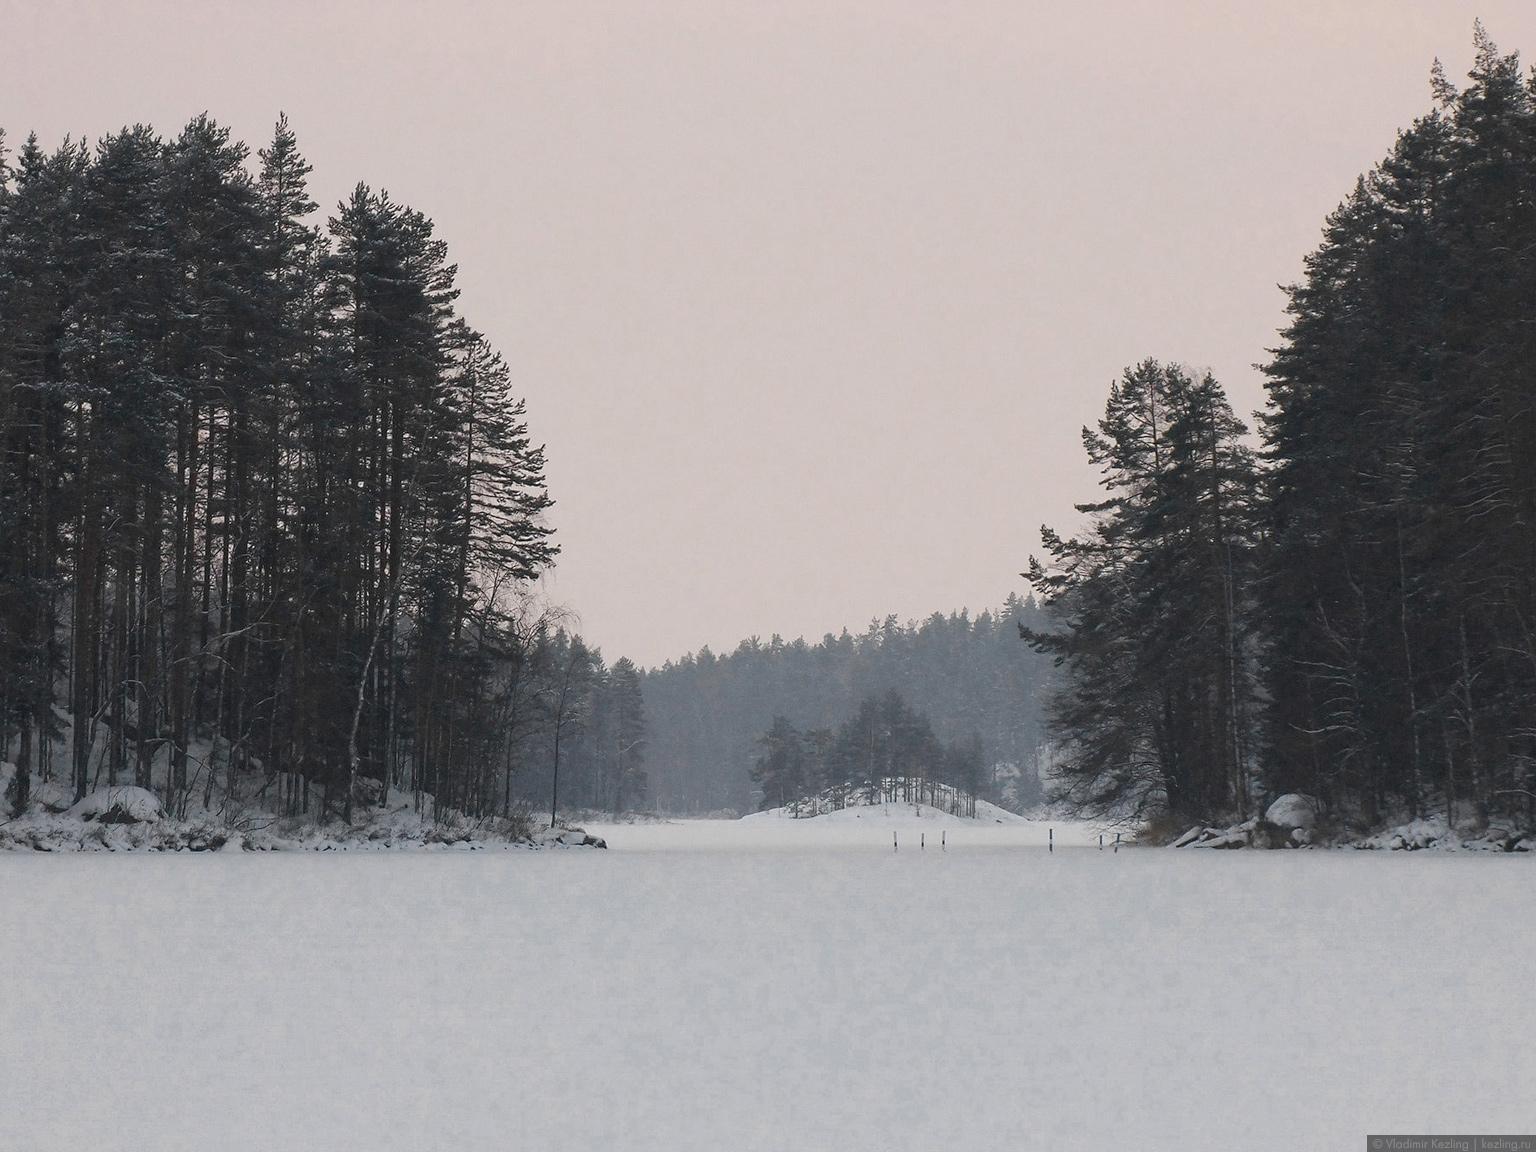 Озеро Repovesi